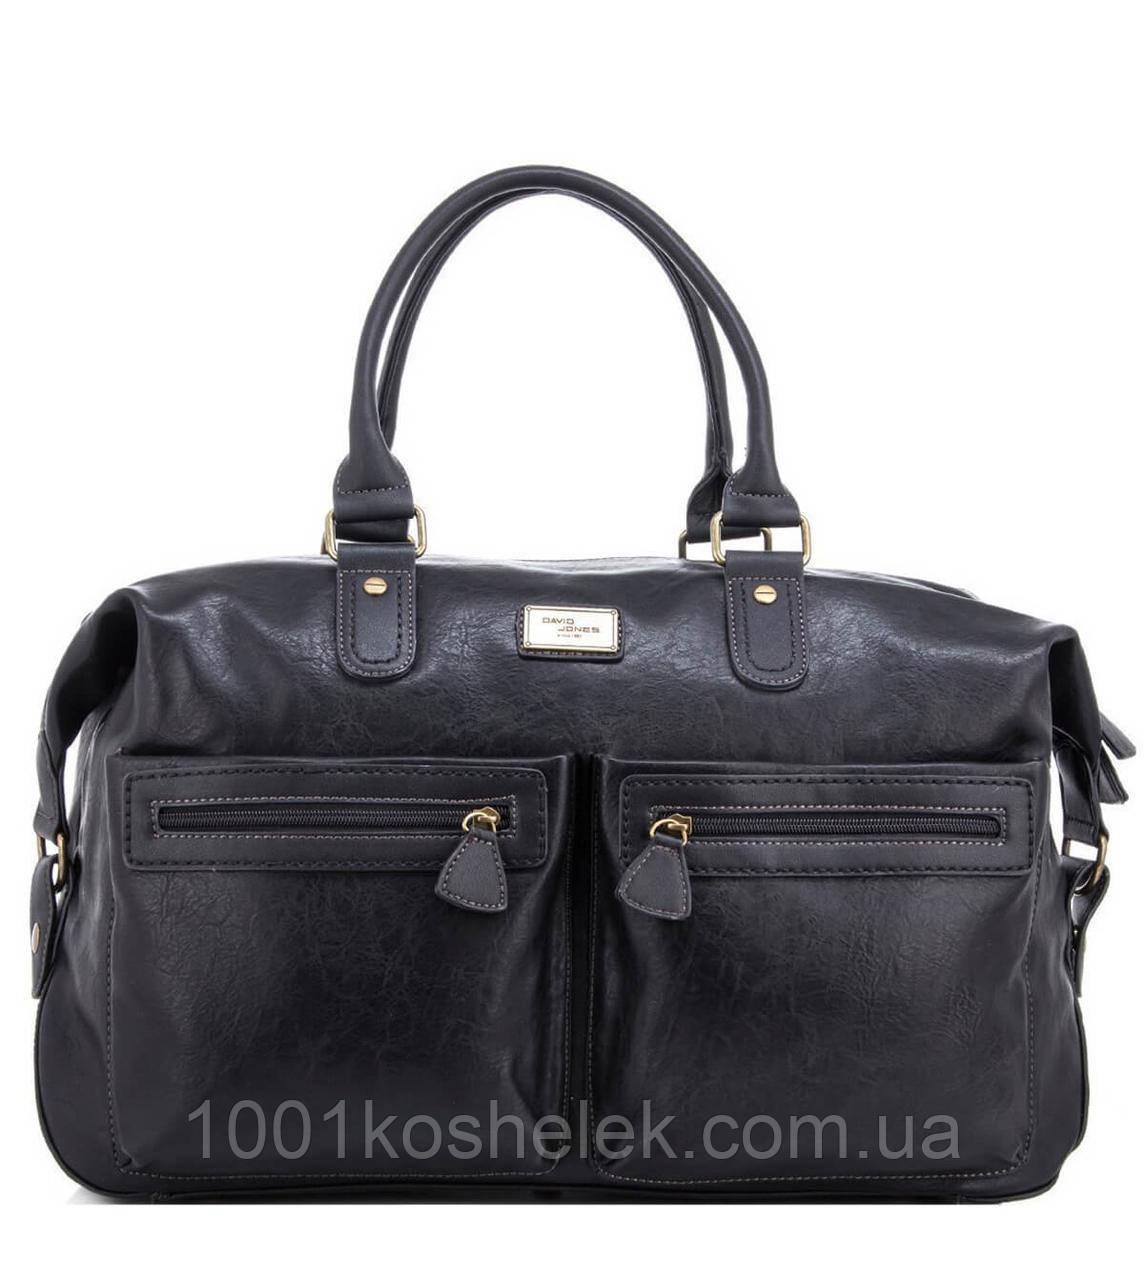 Дорожная сумка David Jones CM3553 (Черный)